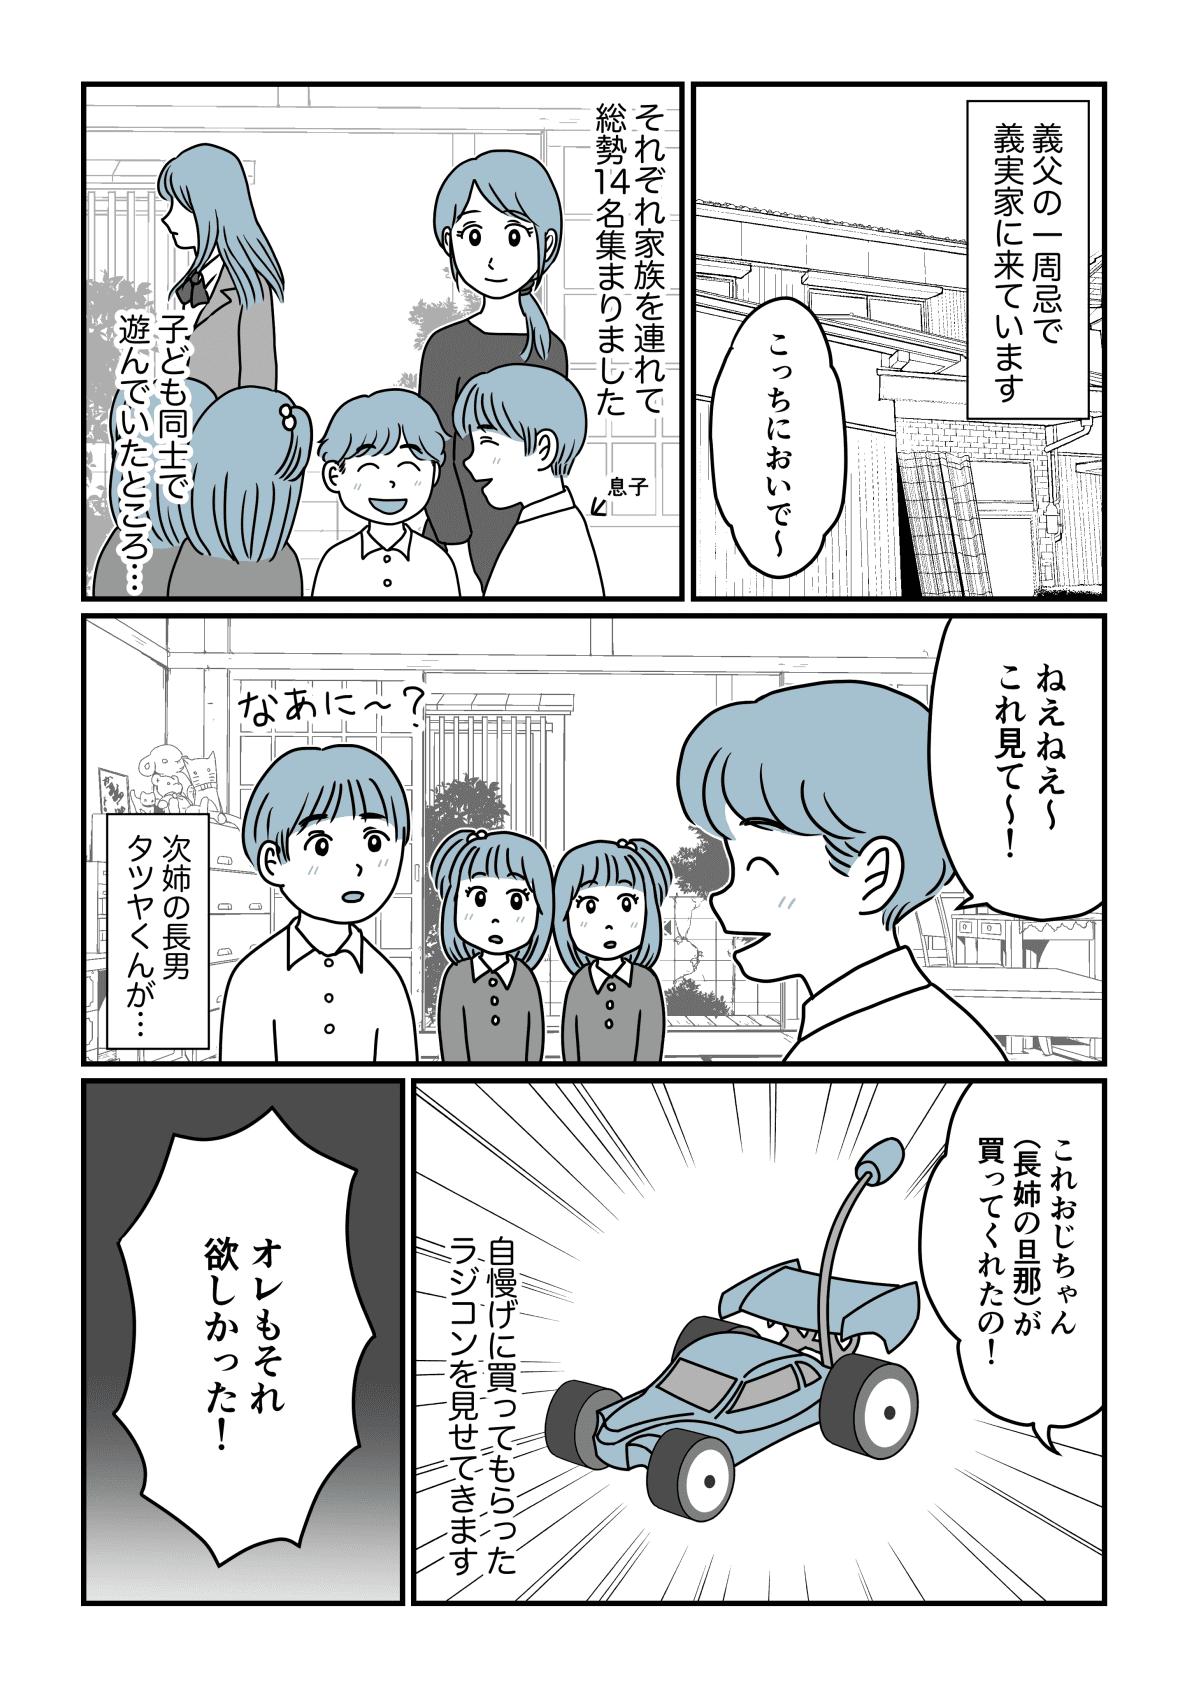 【前編】義父の一周忌で息子が大泣き!1